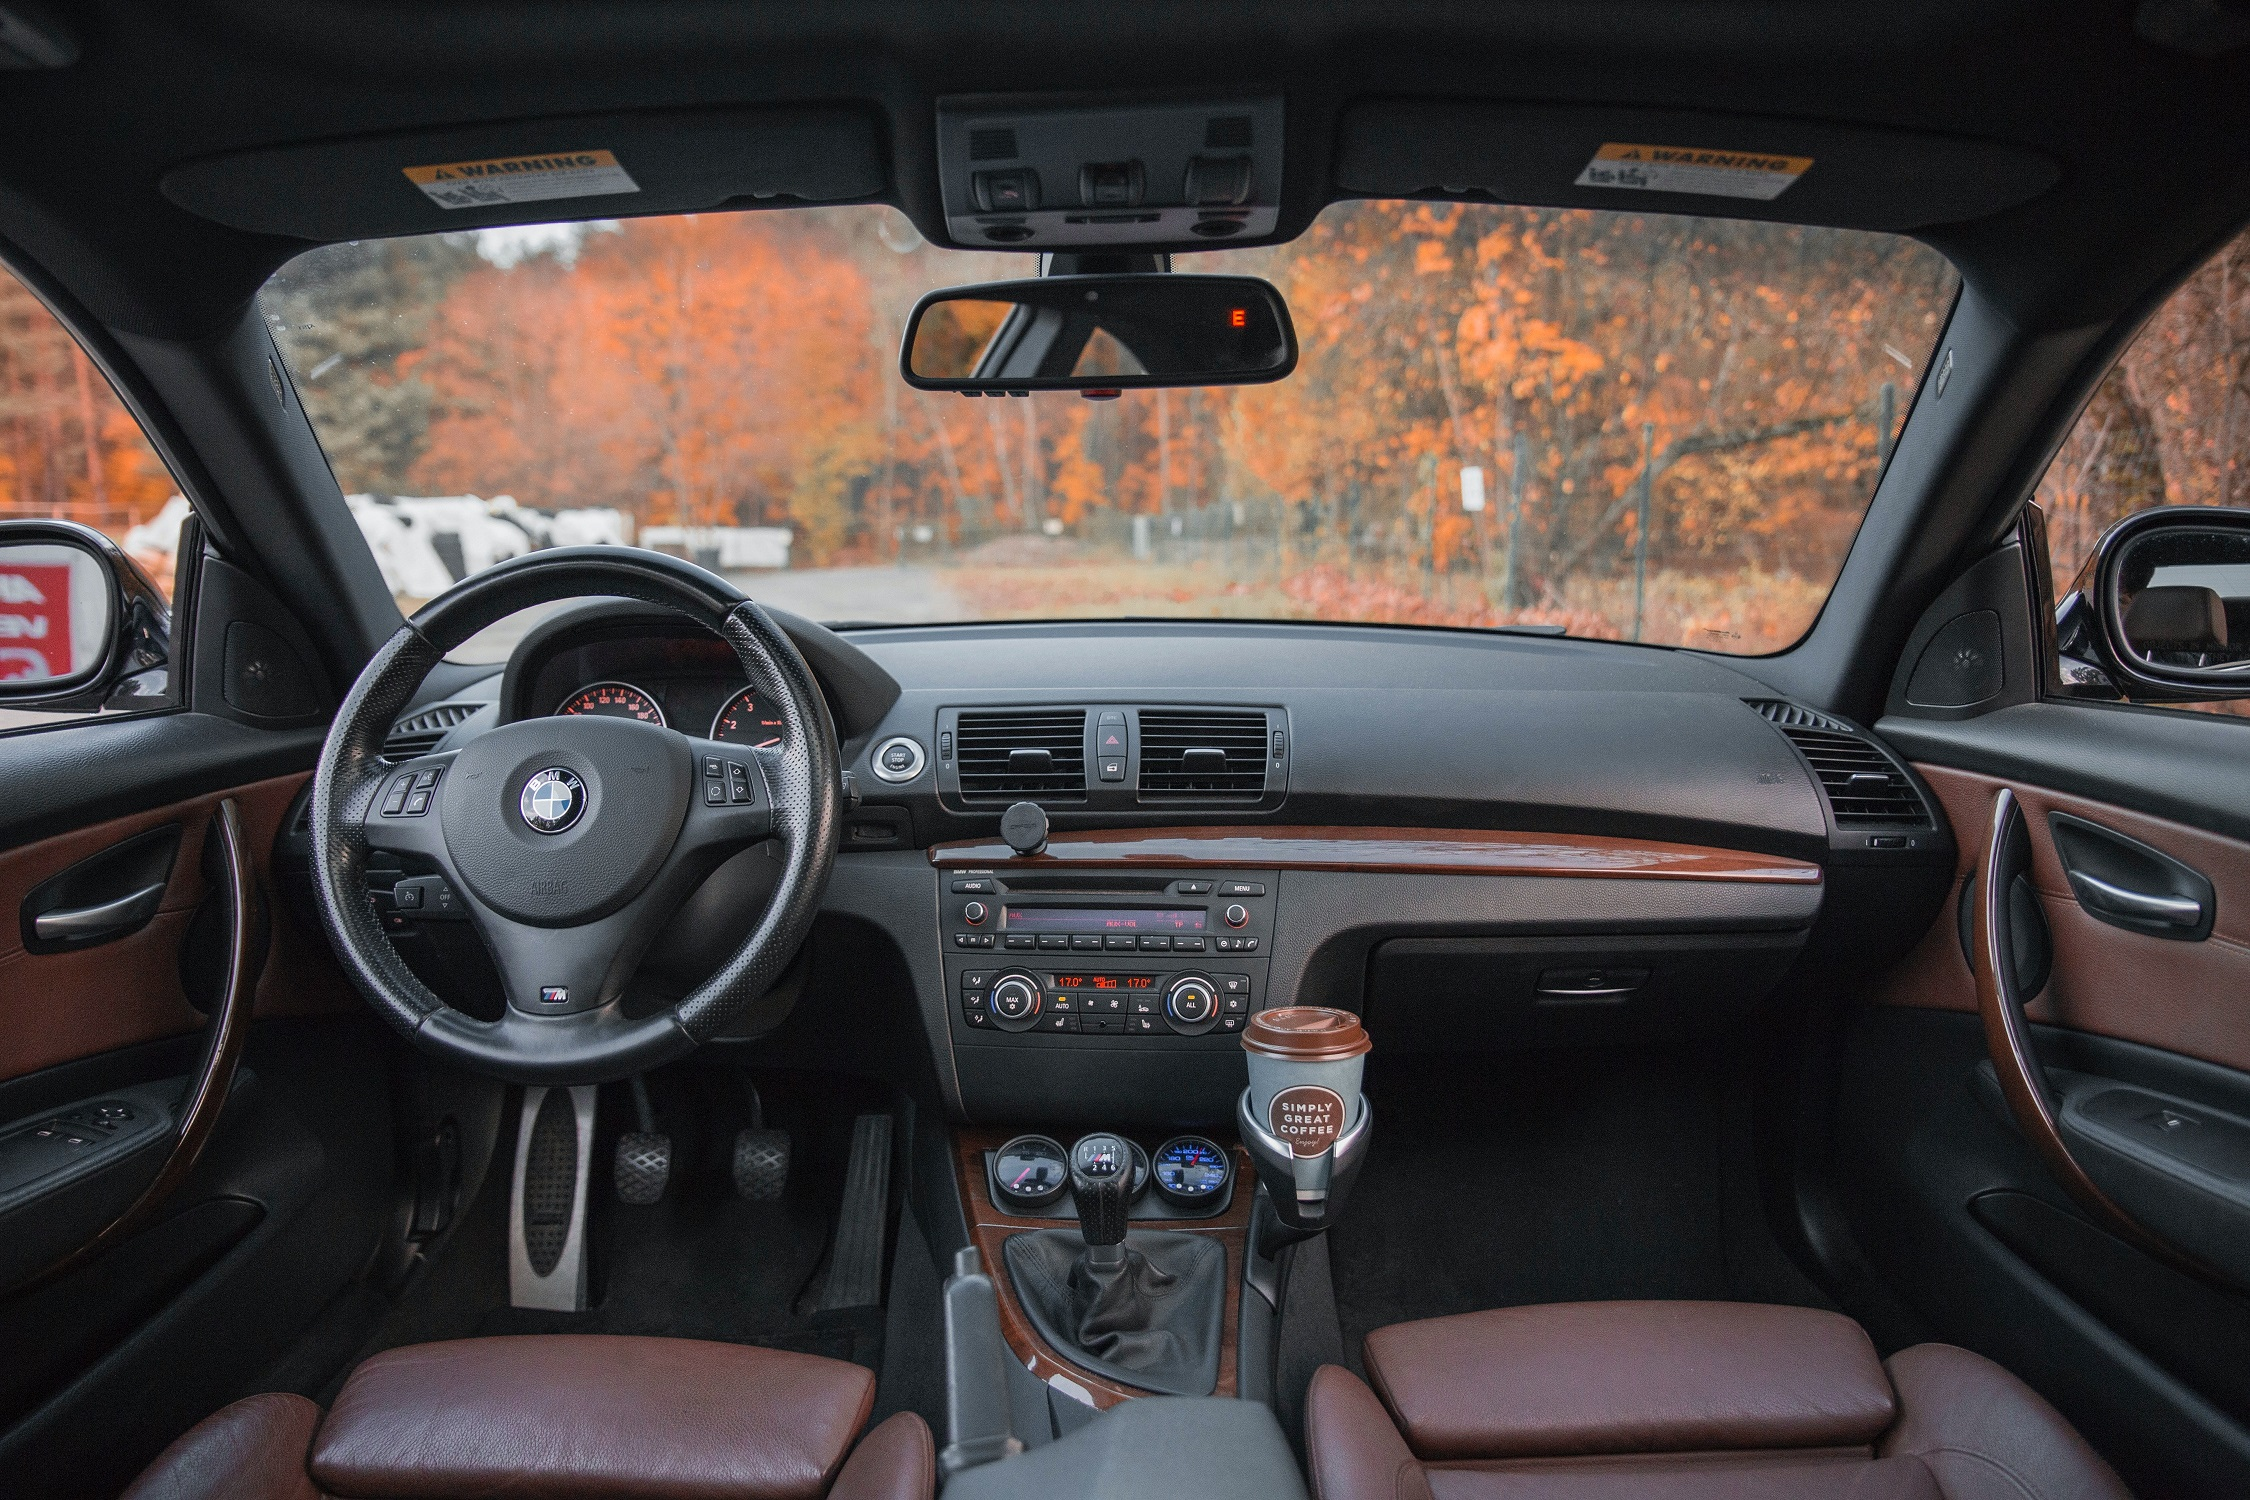 Smukusi naudotų automobilių rinka Lietuvoje: kokie modeliai dažniausiai keitė savininkus?